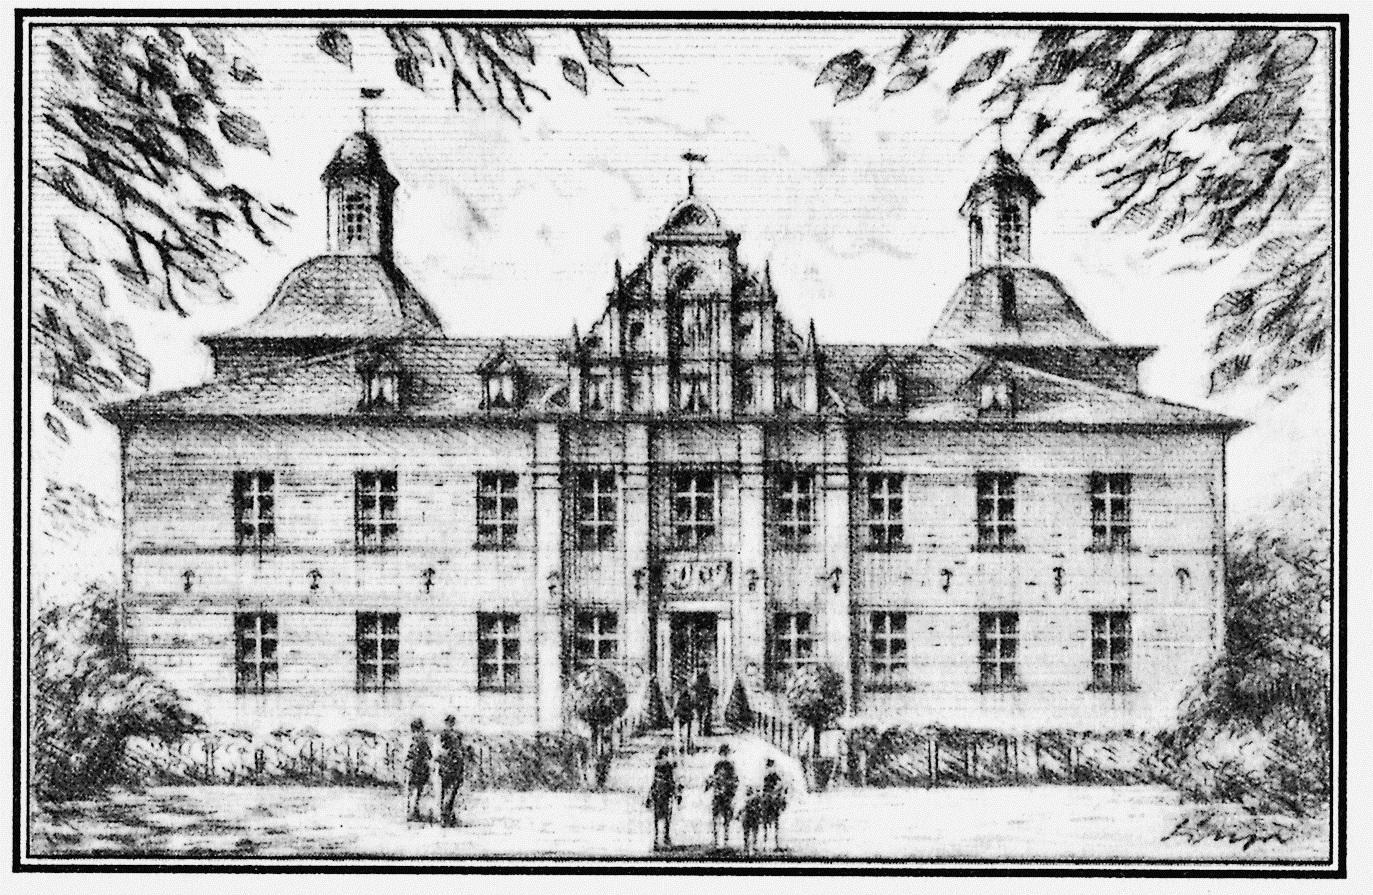 Ein Wochenende im Schlosshotel Hugenpoet - Geschichte